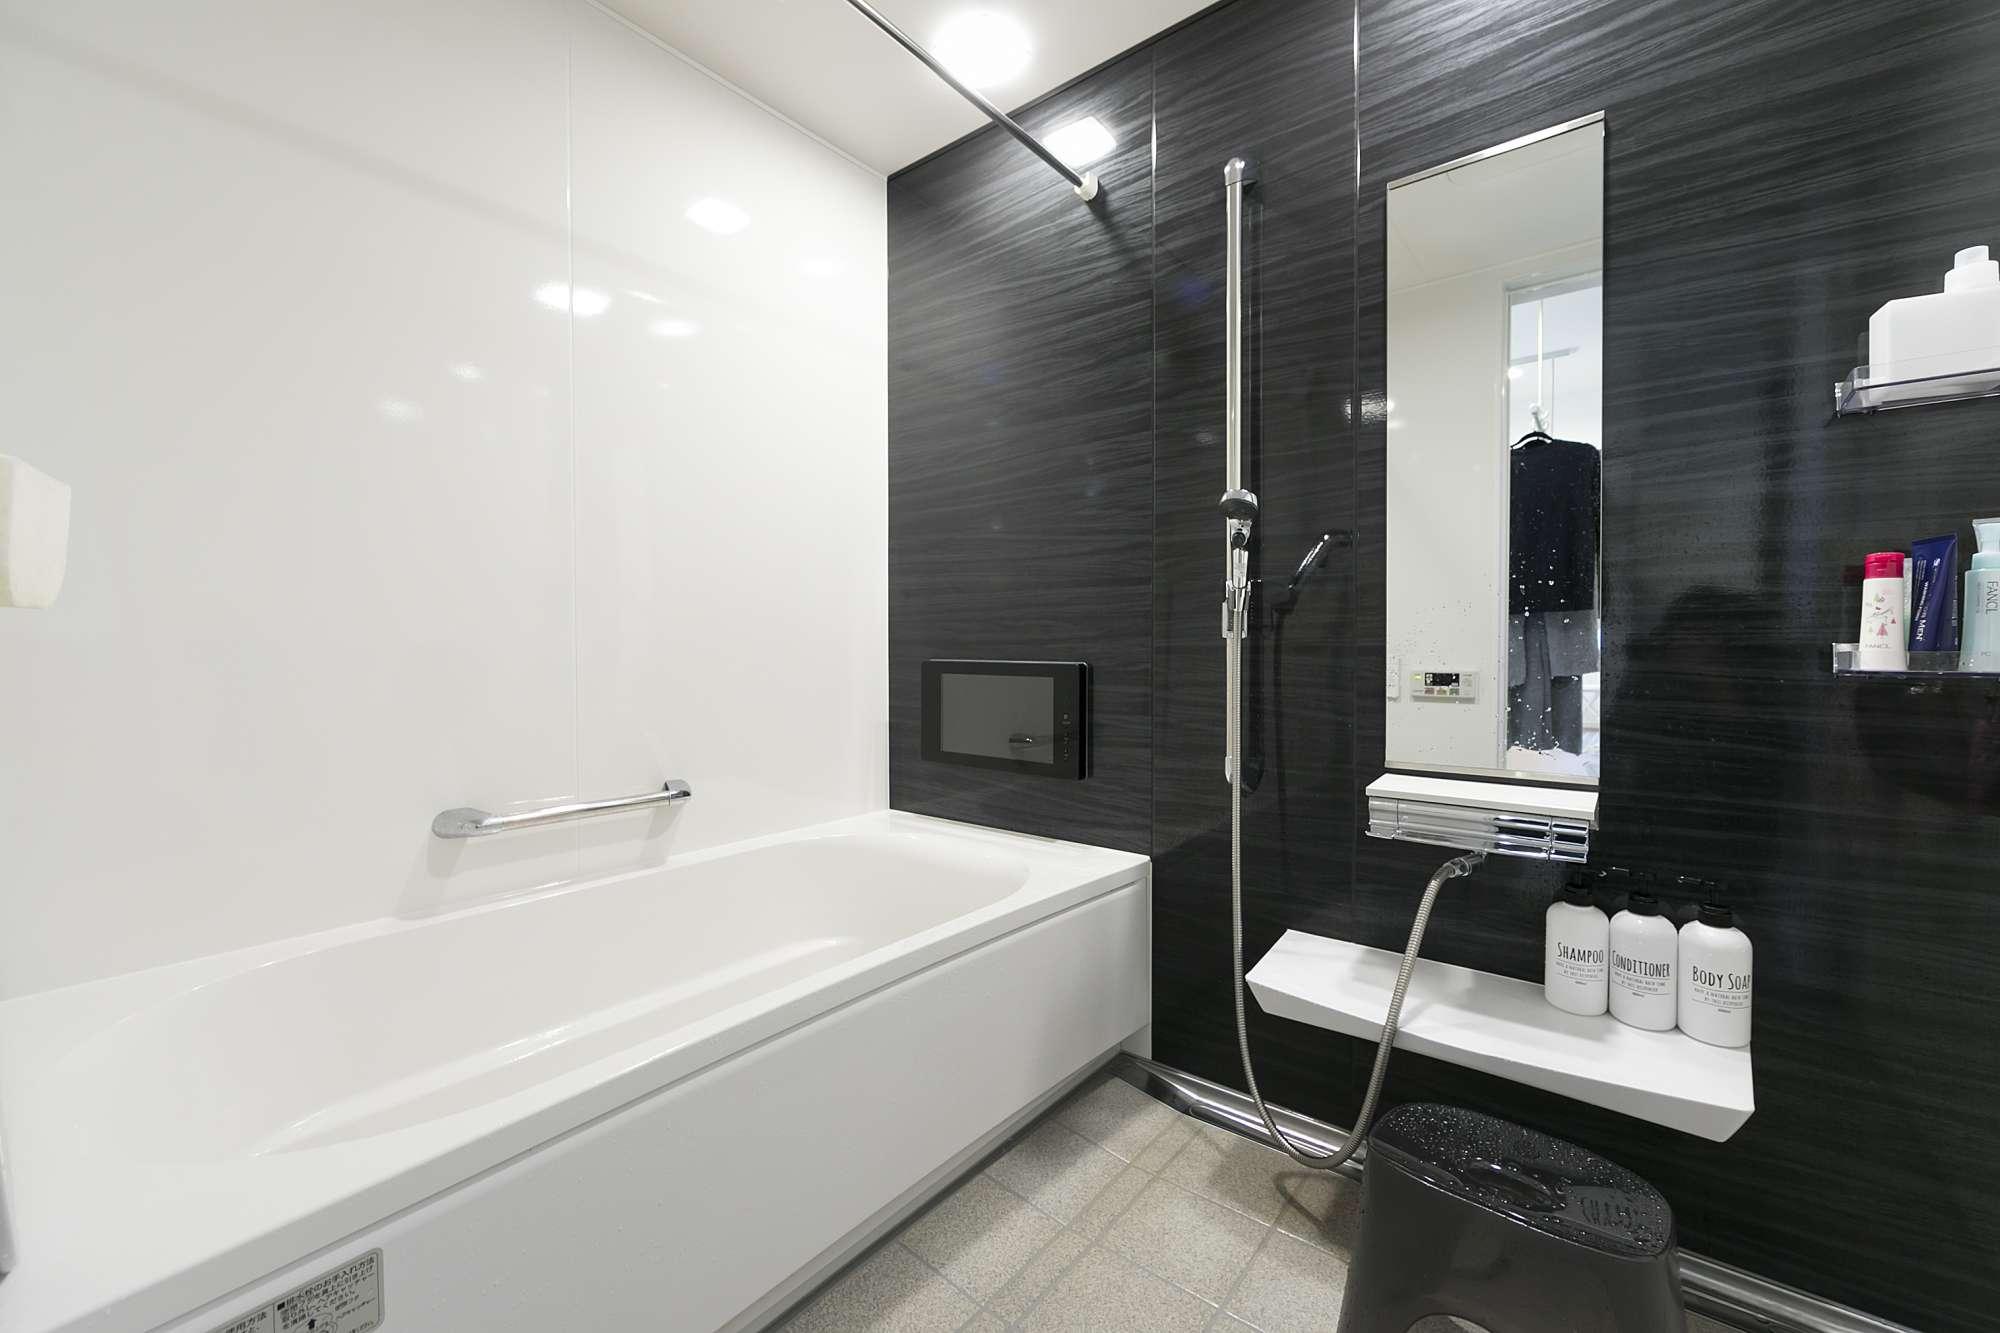 1.25坪のバスルーム - TVがあり、ゆったりとリラックスできるバスルーム。掃除がしやすく機能的なユニットバスを提案。 -  -